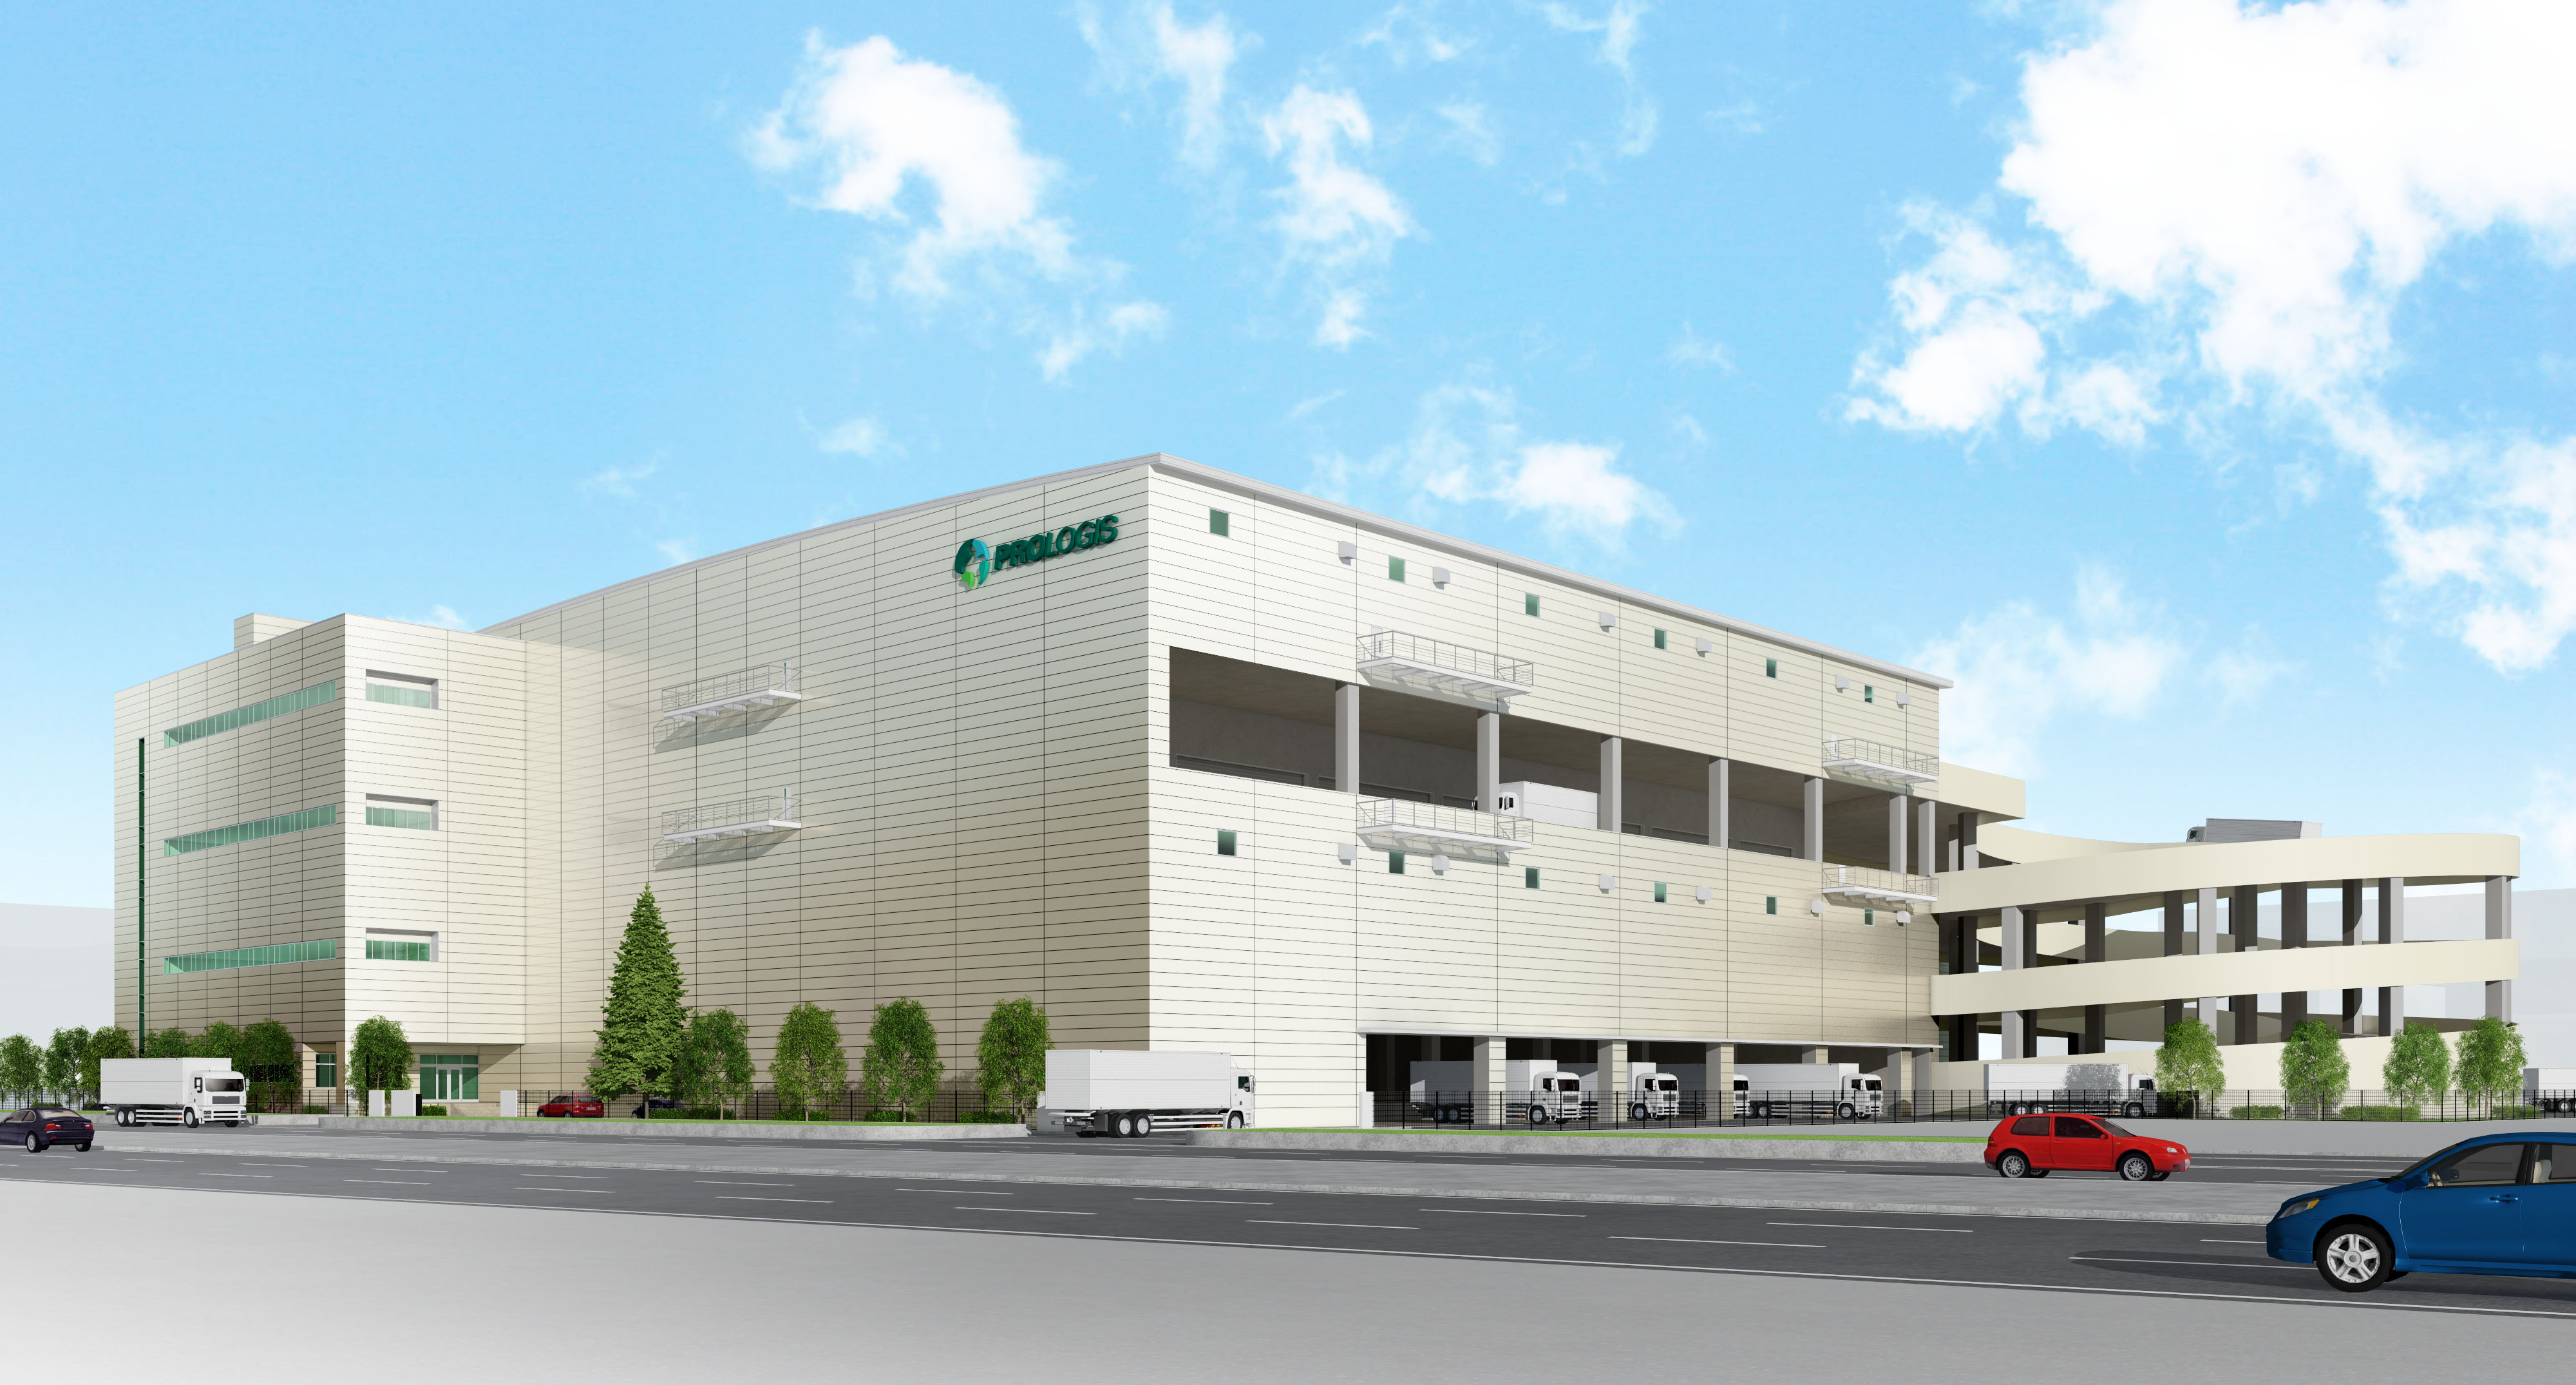 「工場で使える便利な通販」MonotaRO.com 2013年10月に第3ディストリビューションセンターを新設 本社近郊のMonotaRO専用物流施設「プロロジスパーク尼崎3」に開設決定 業容拡大に対応、在庫能力は現在の4倍超に